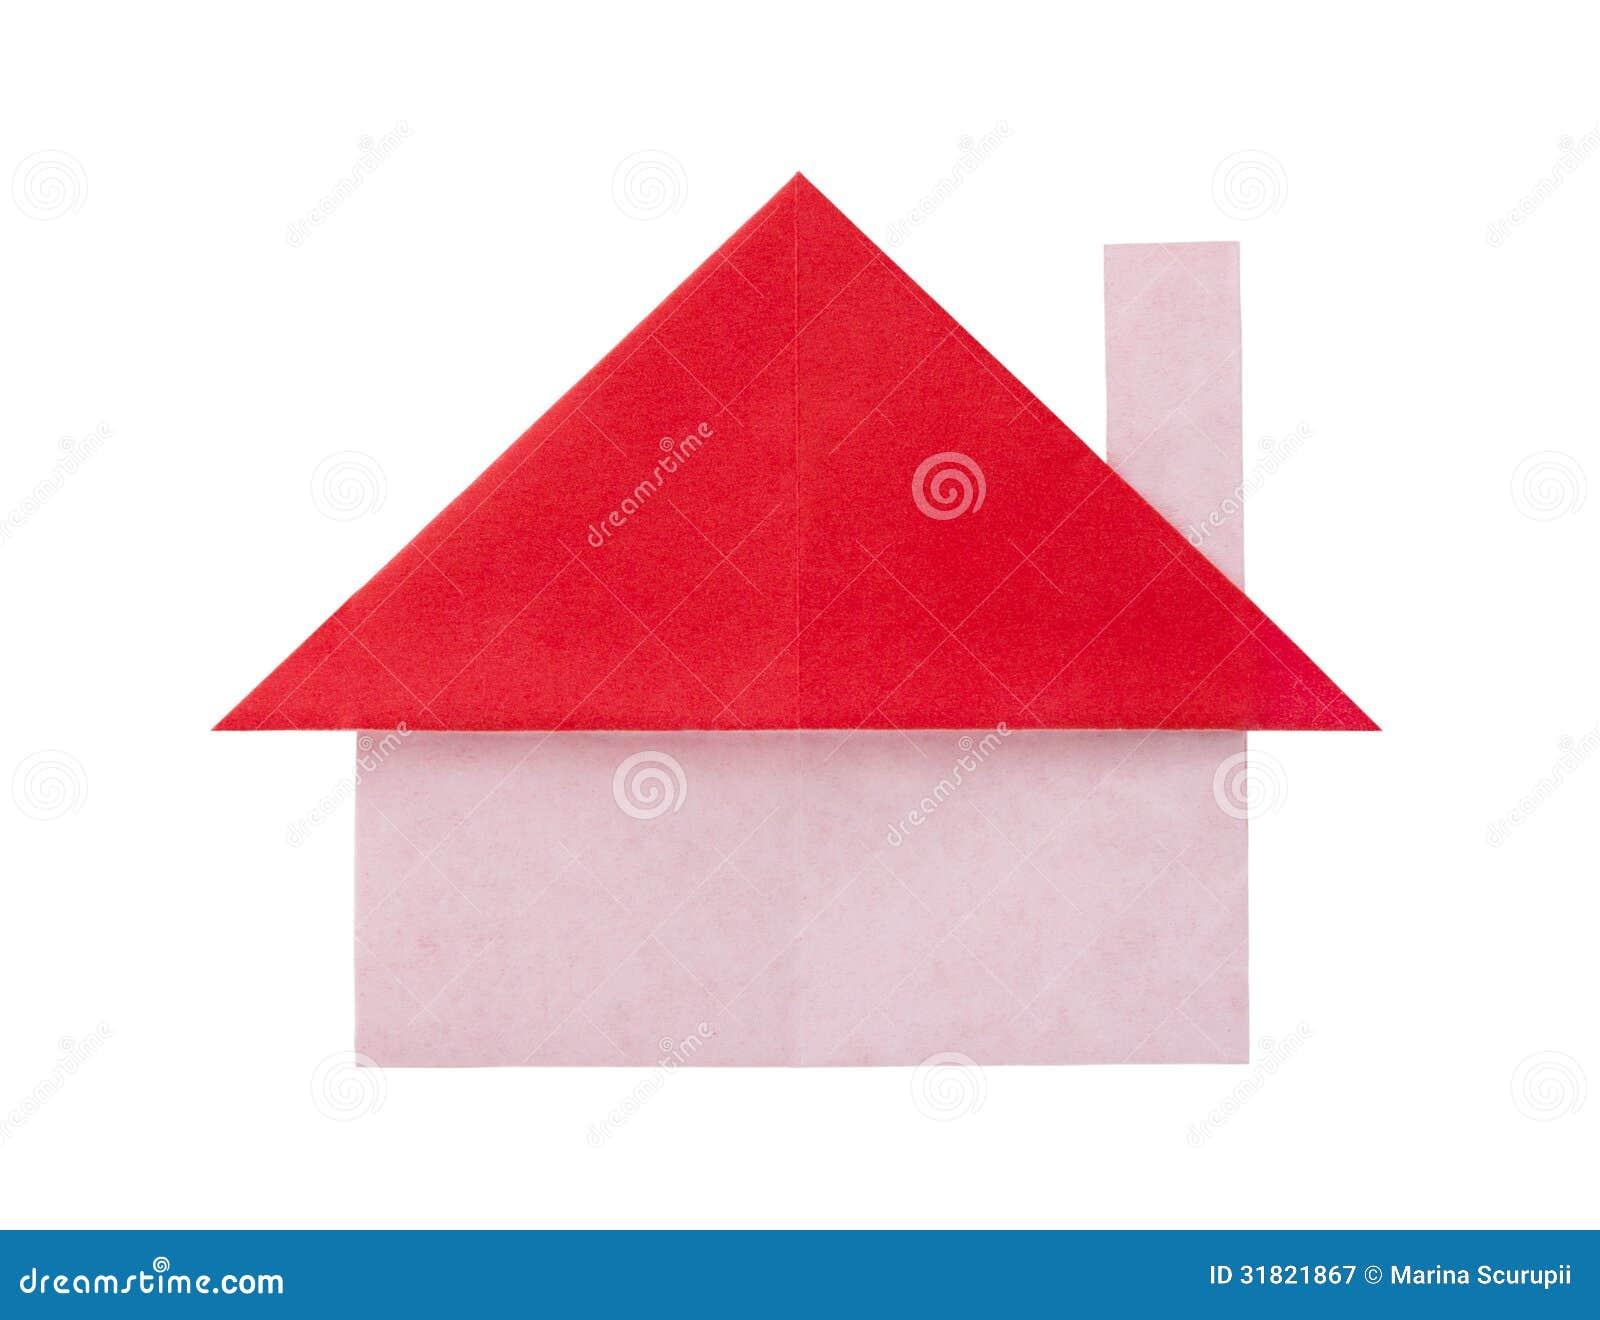 maison de papier d 39 origami photographie stock libre de. Black Bedroom Furniture Sets. Home Design Ideas